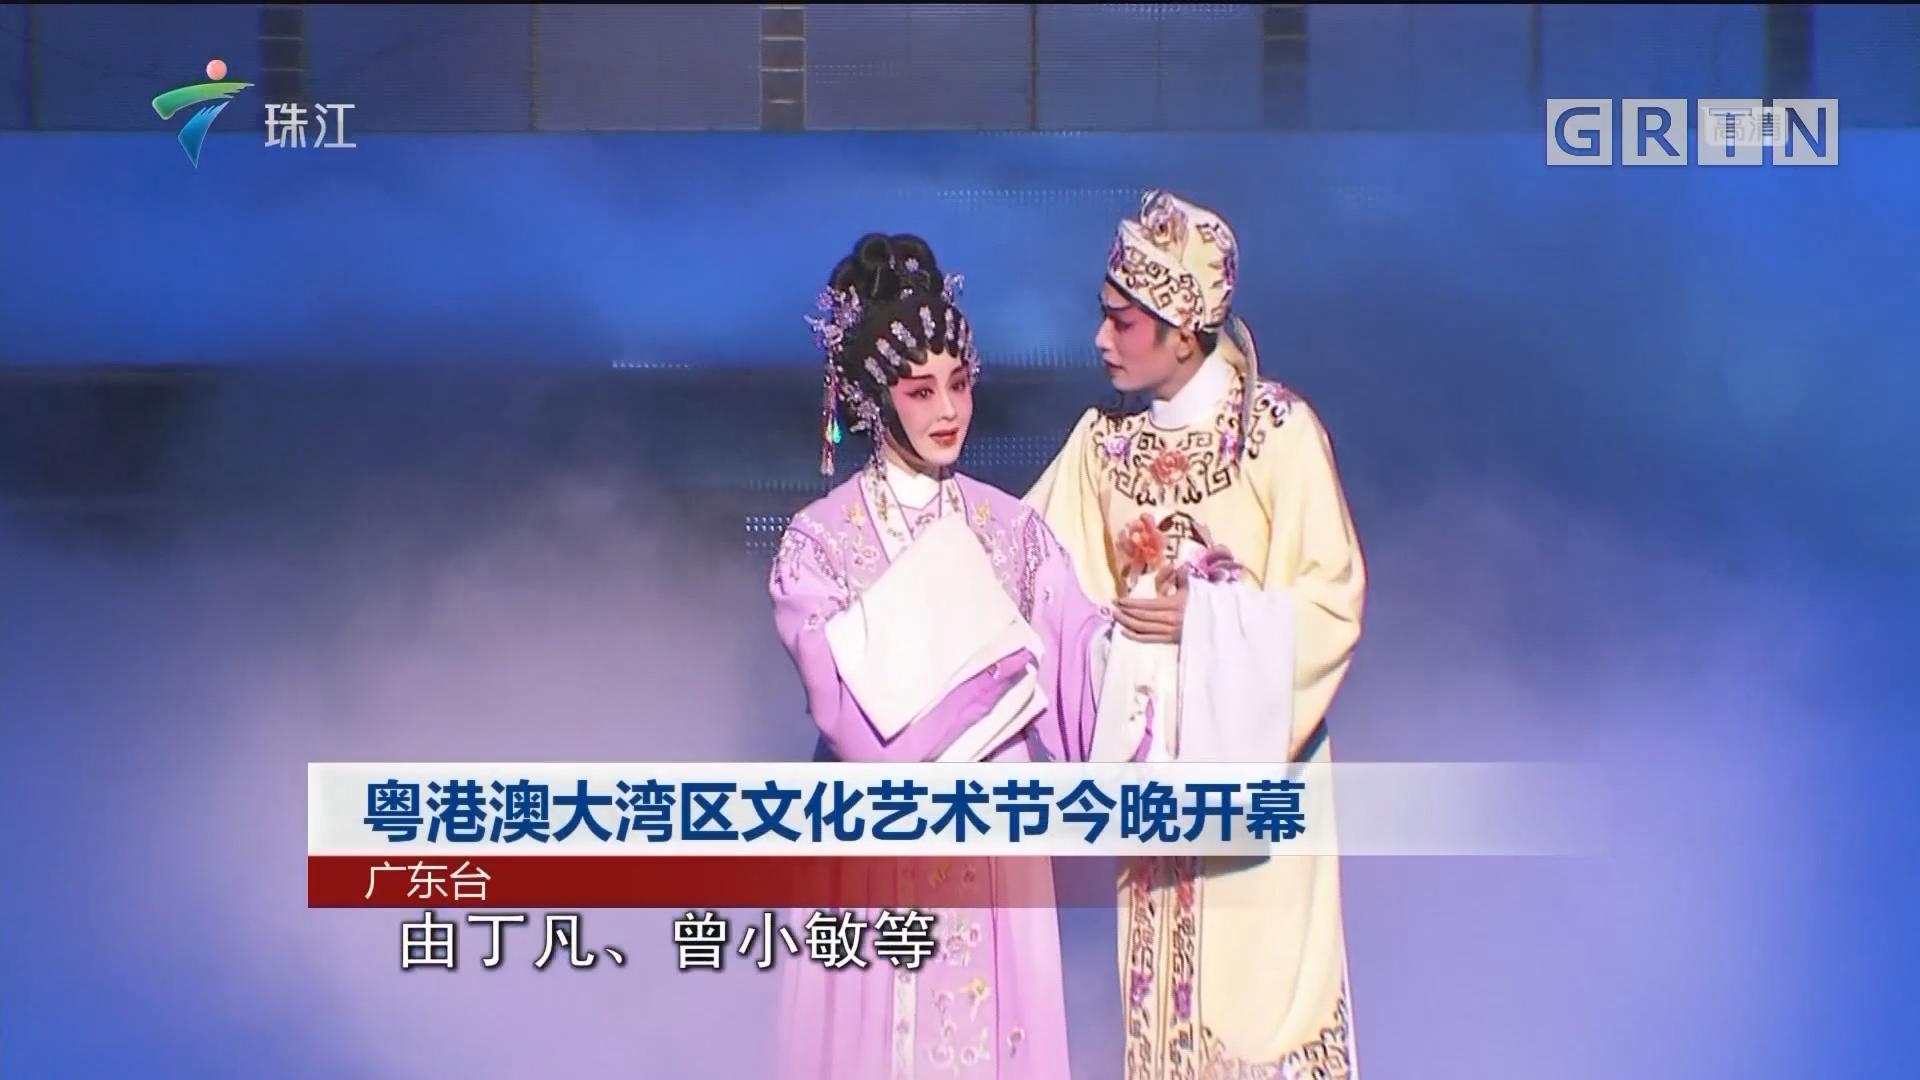 粤港澳大湾区文化艺术节今晚开幕